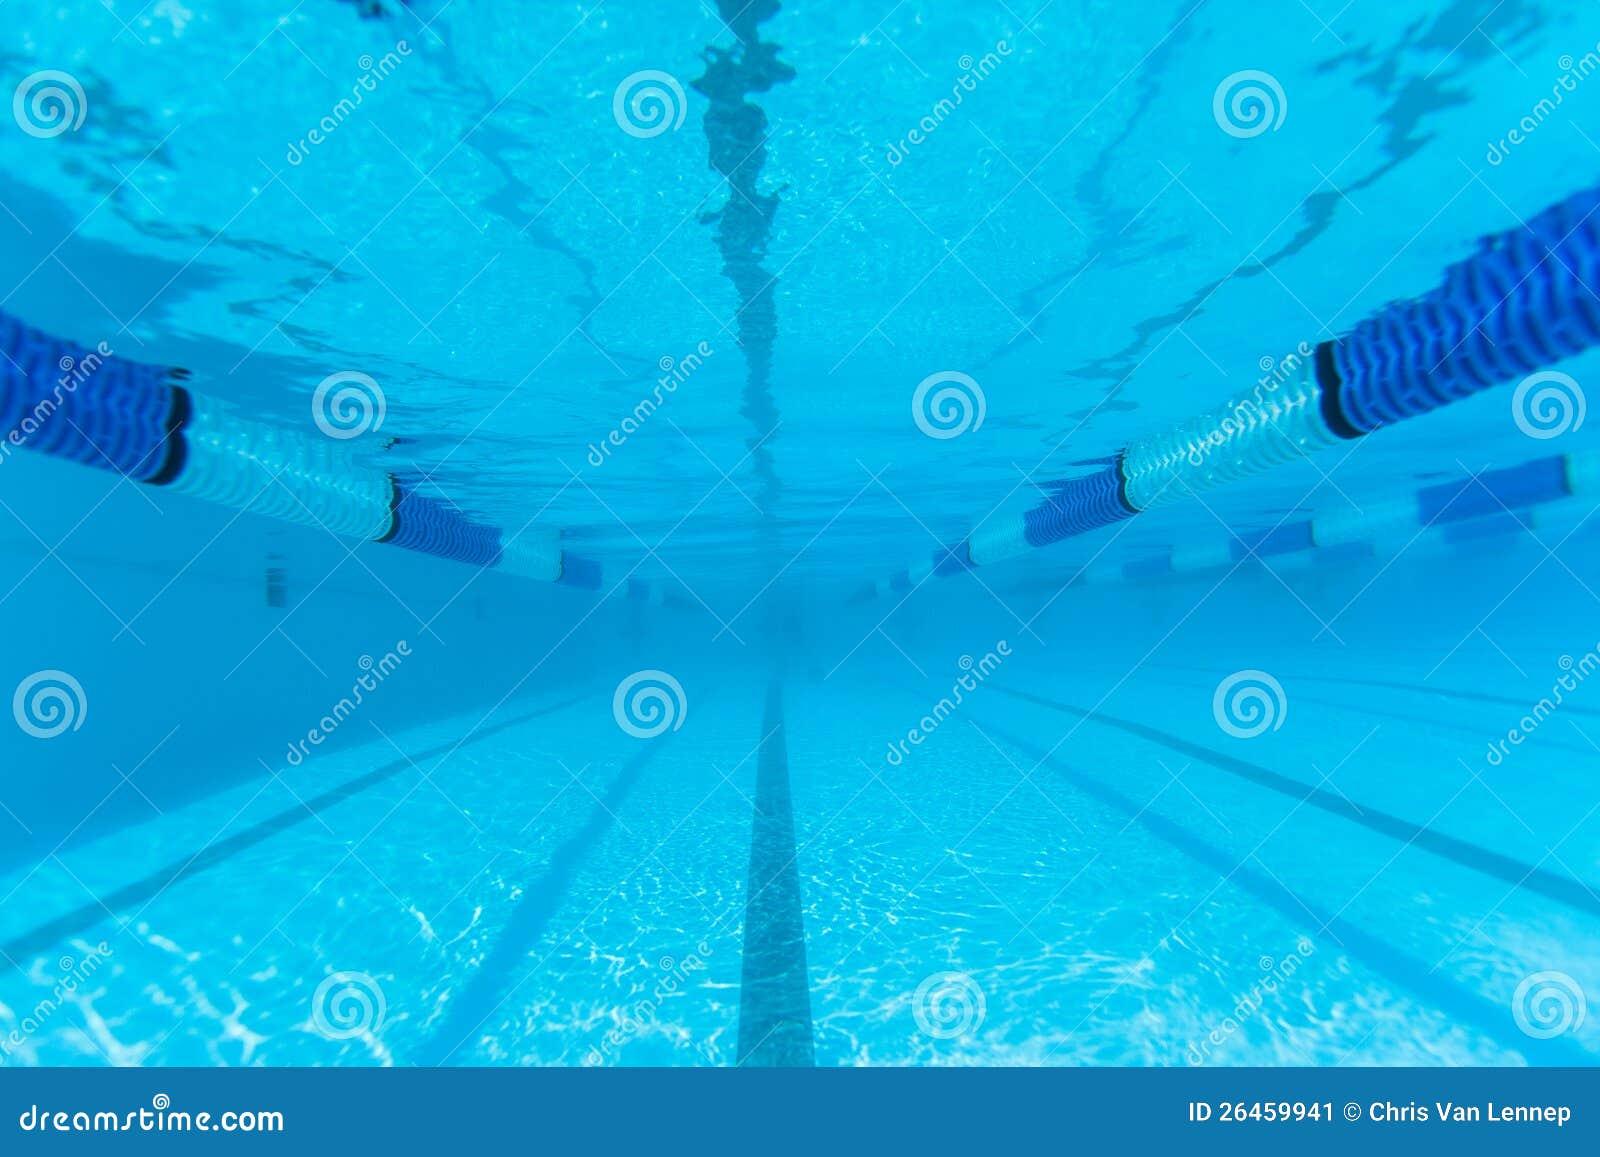 Swimming Pool Lane Underwater Stock Image Image 26459941